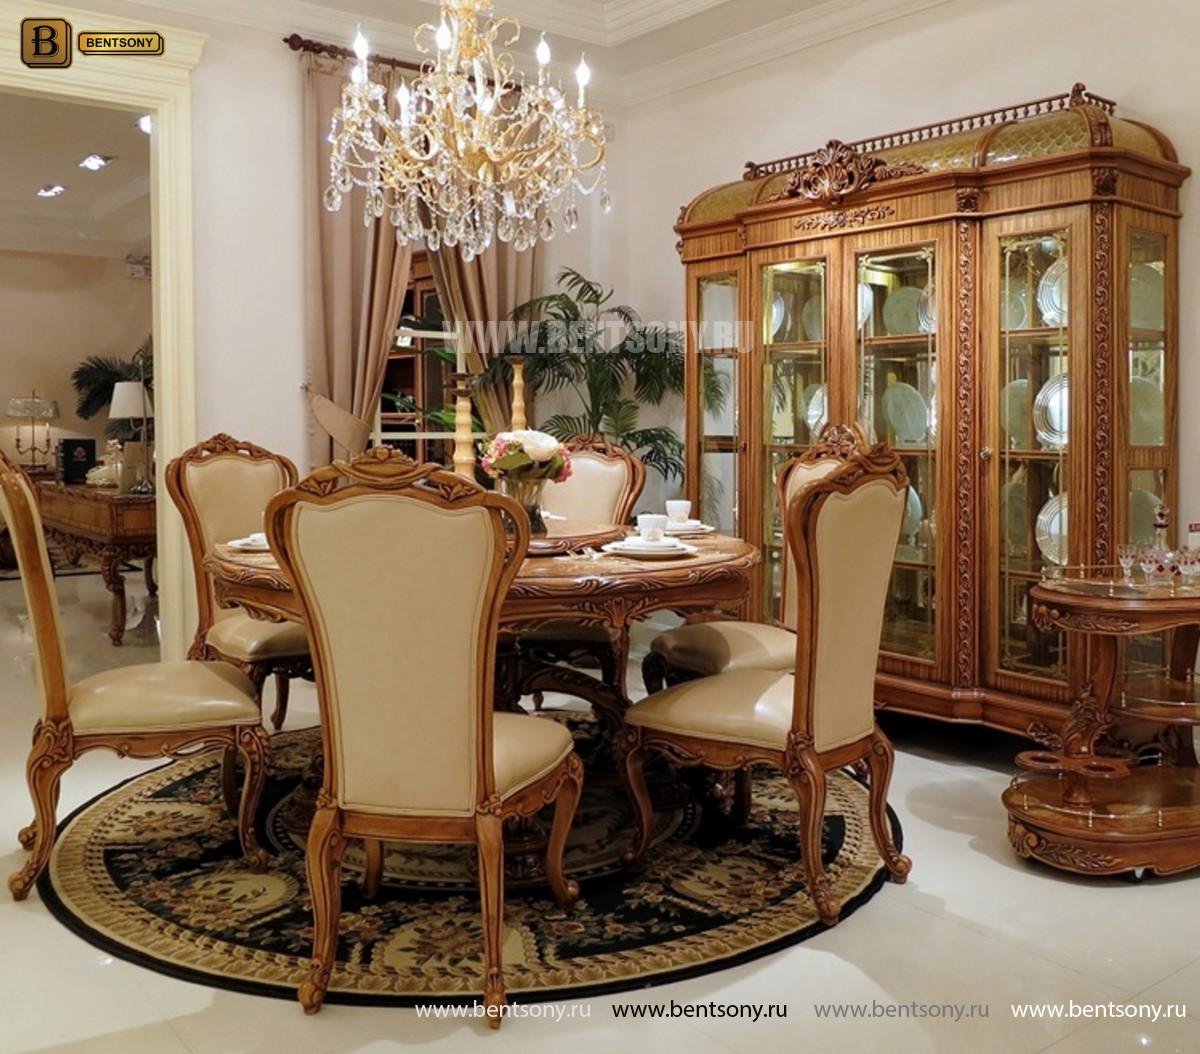 Столовая Белмонт с круглым столом (Классика, массив дерева) для загородного дома